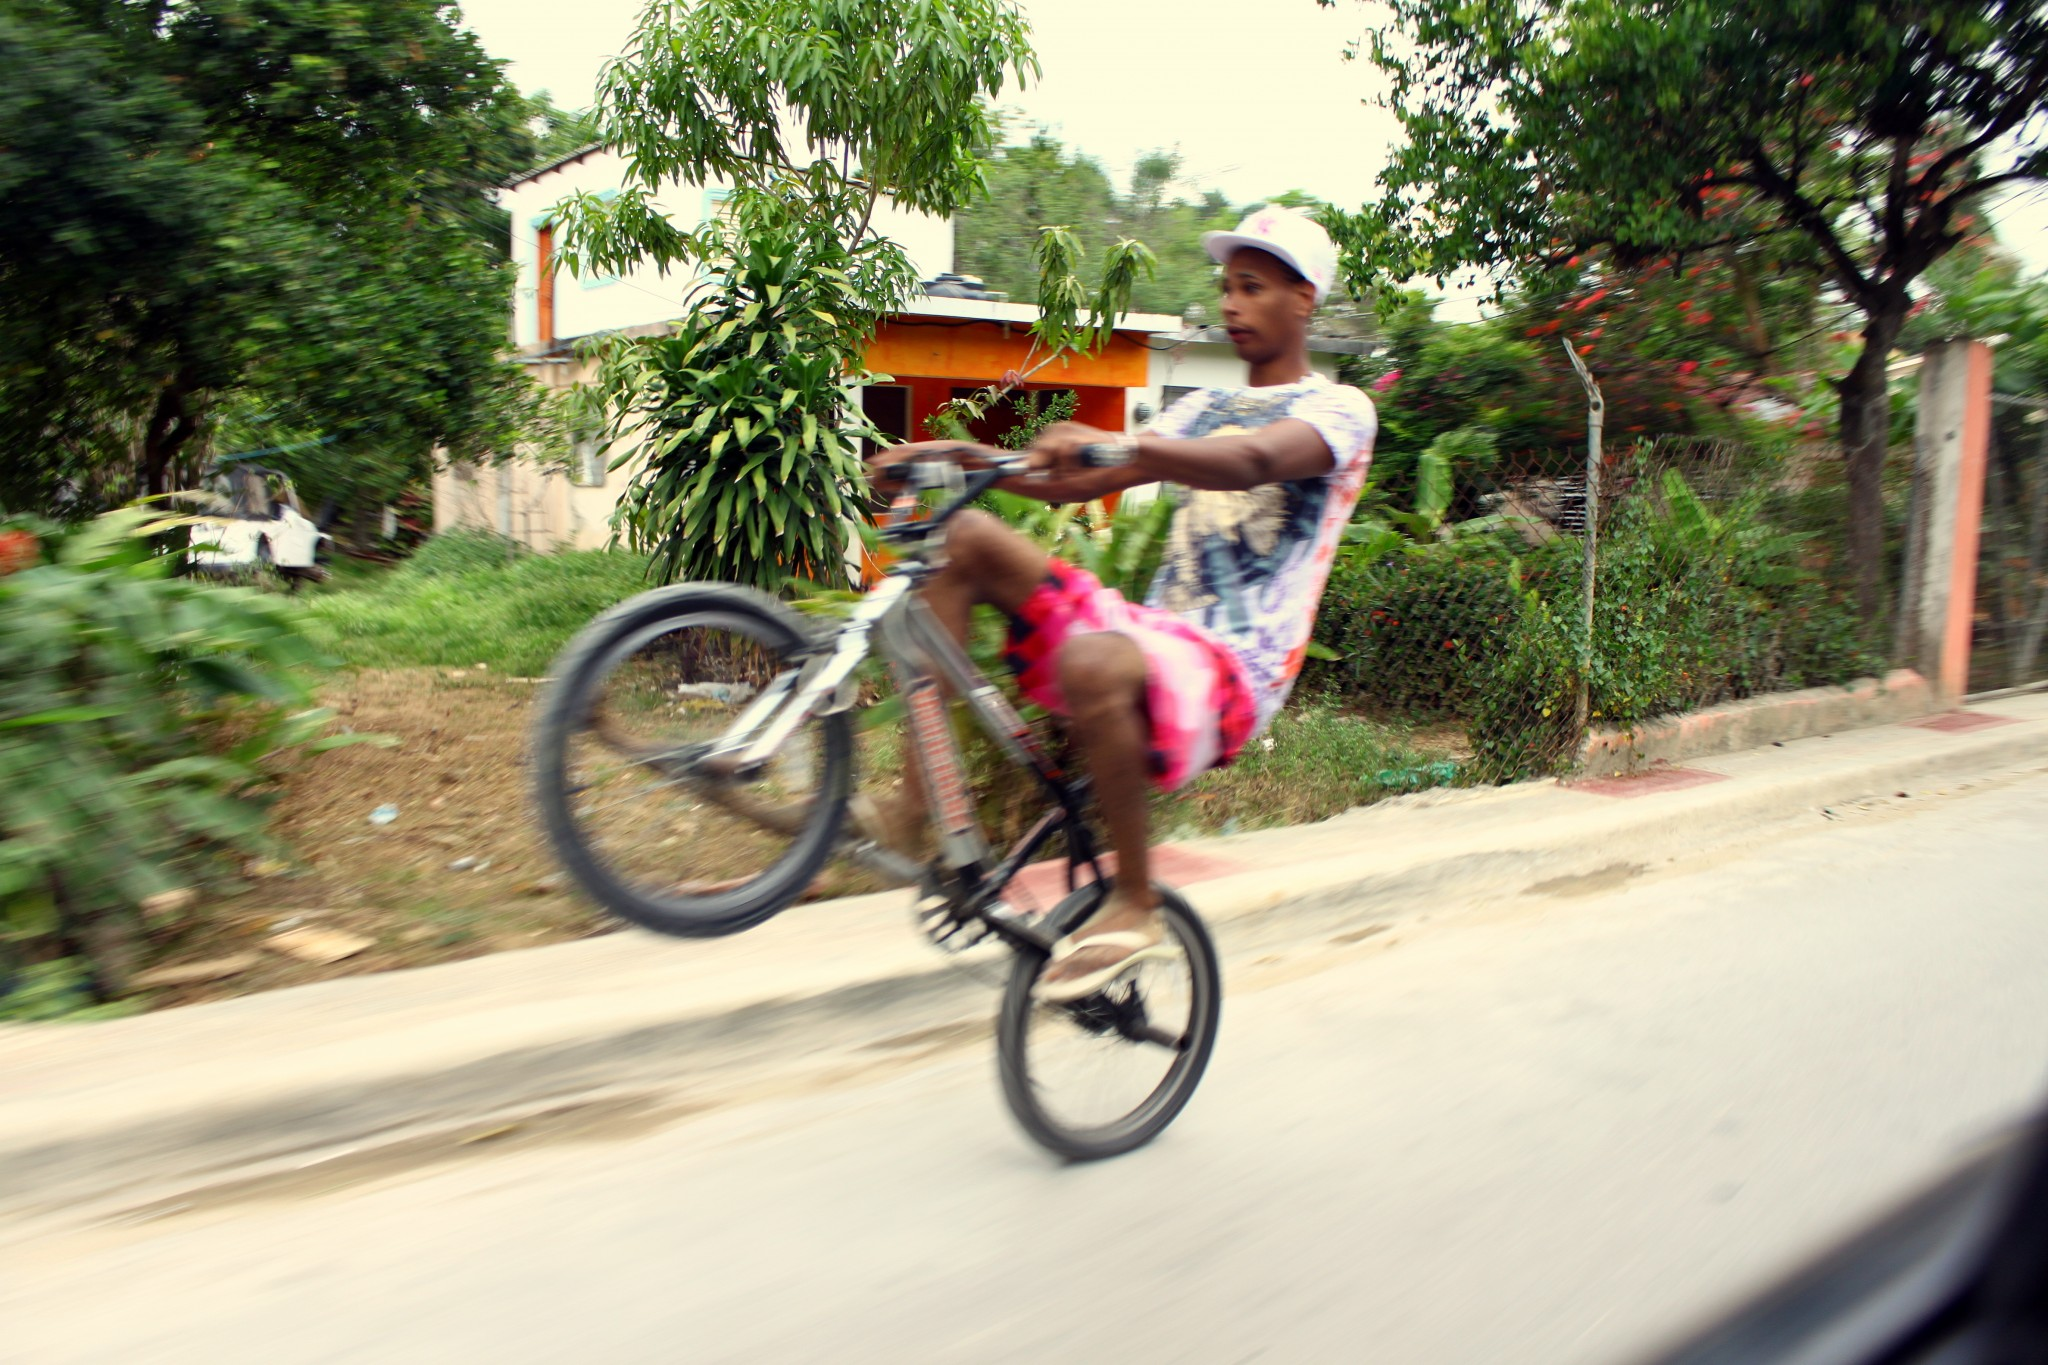 dom_nag_fahrradfahrer_20120408